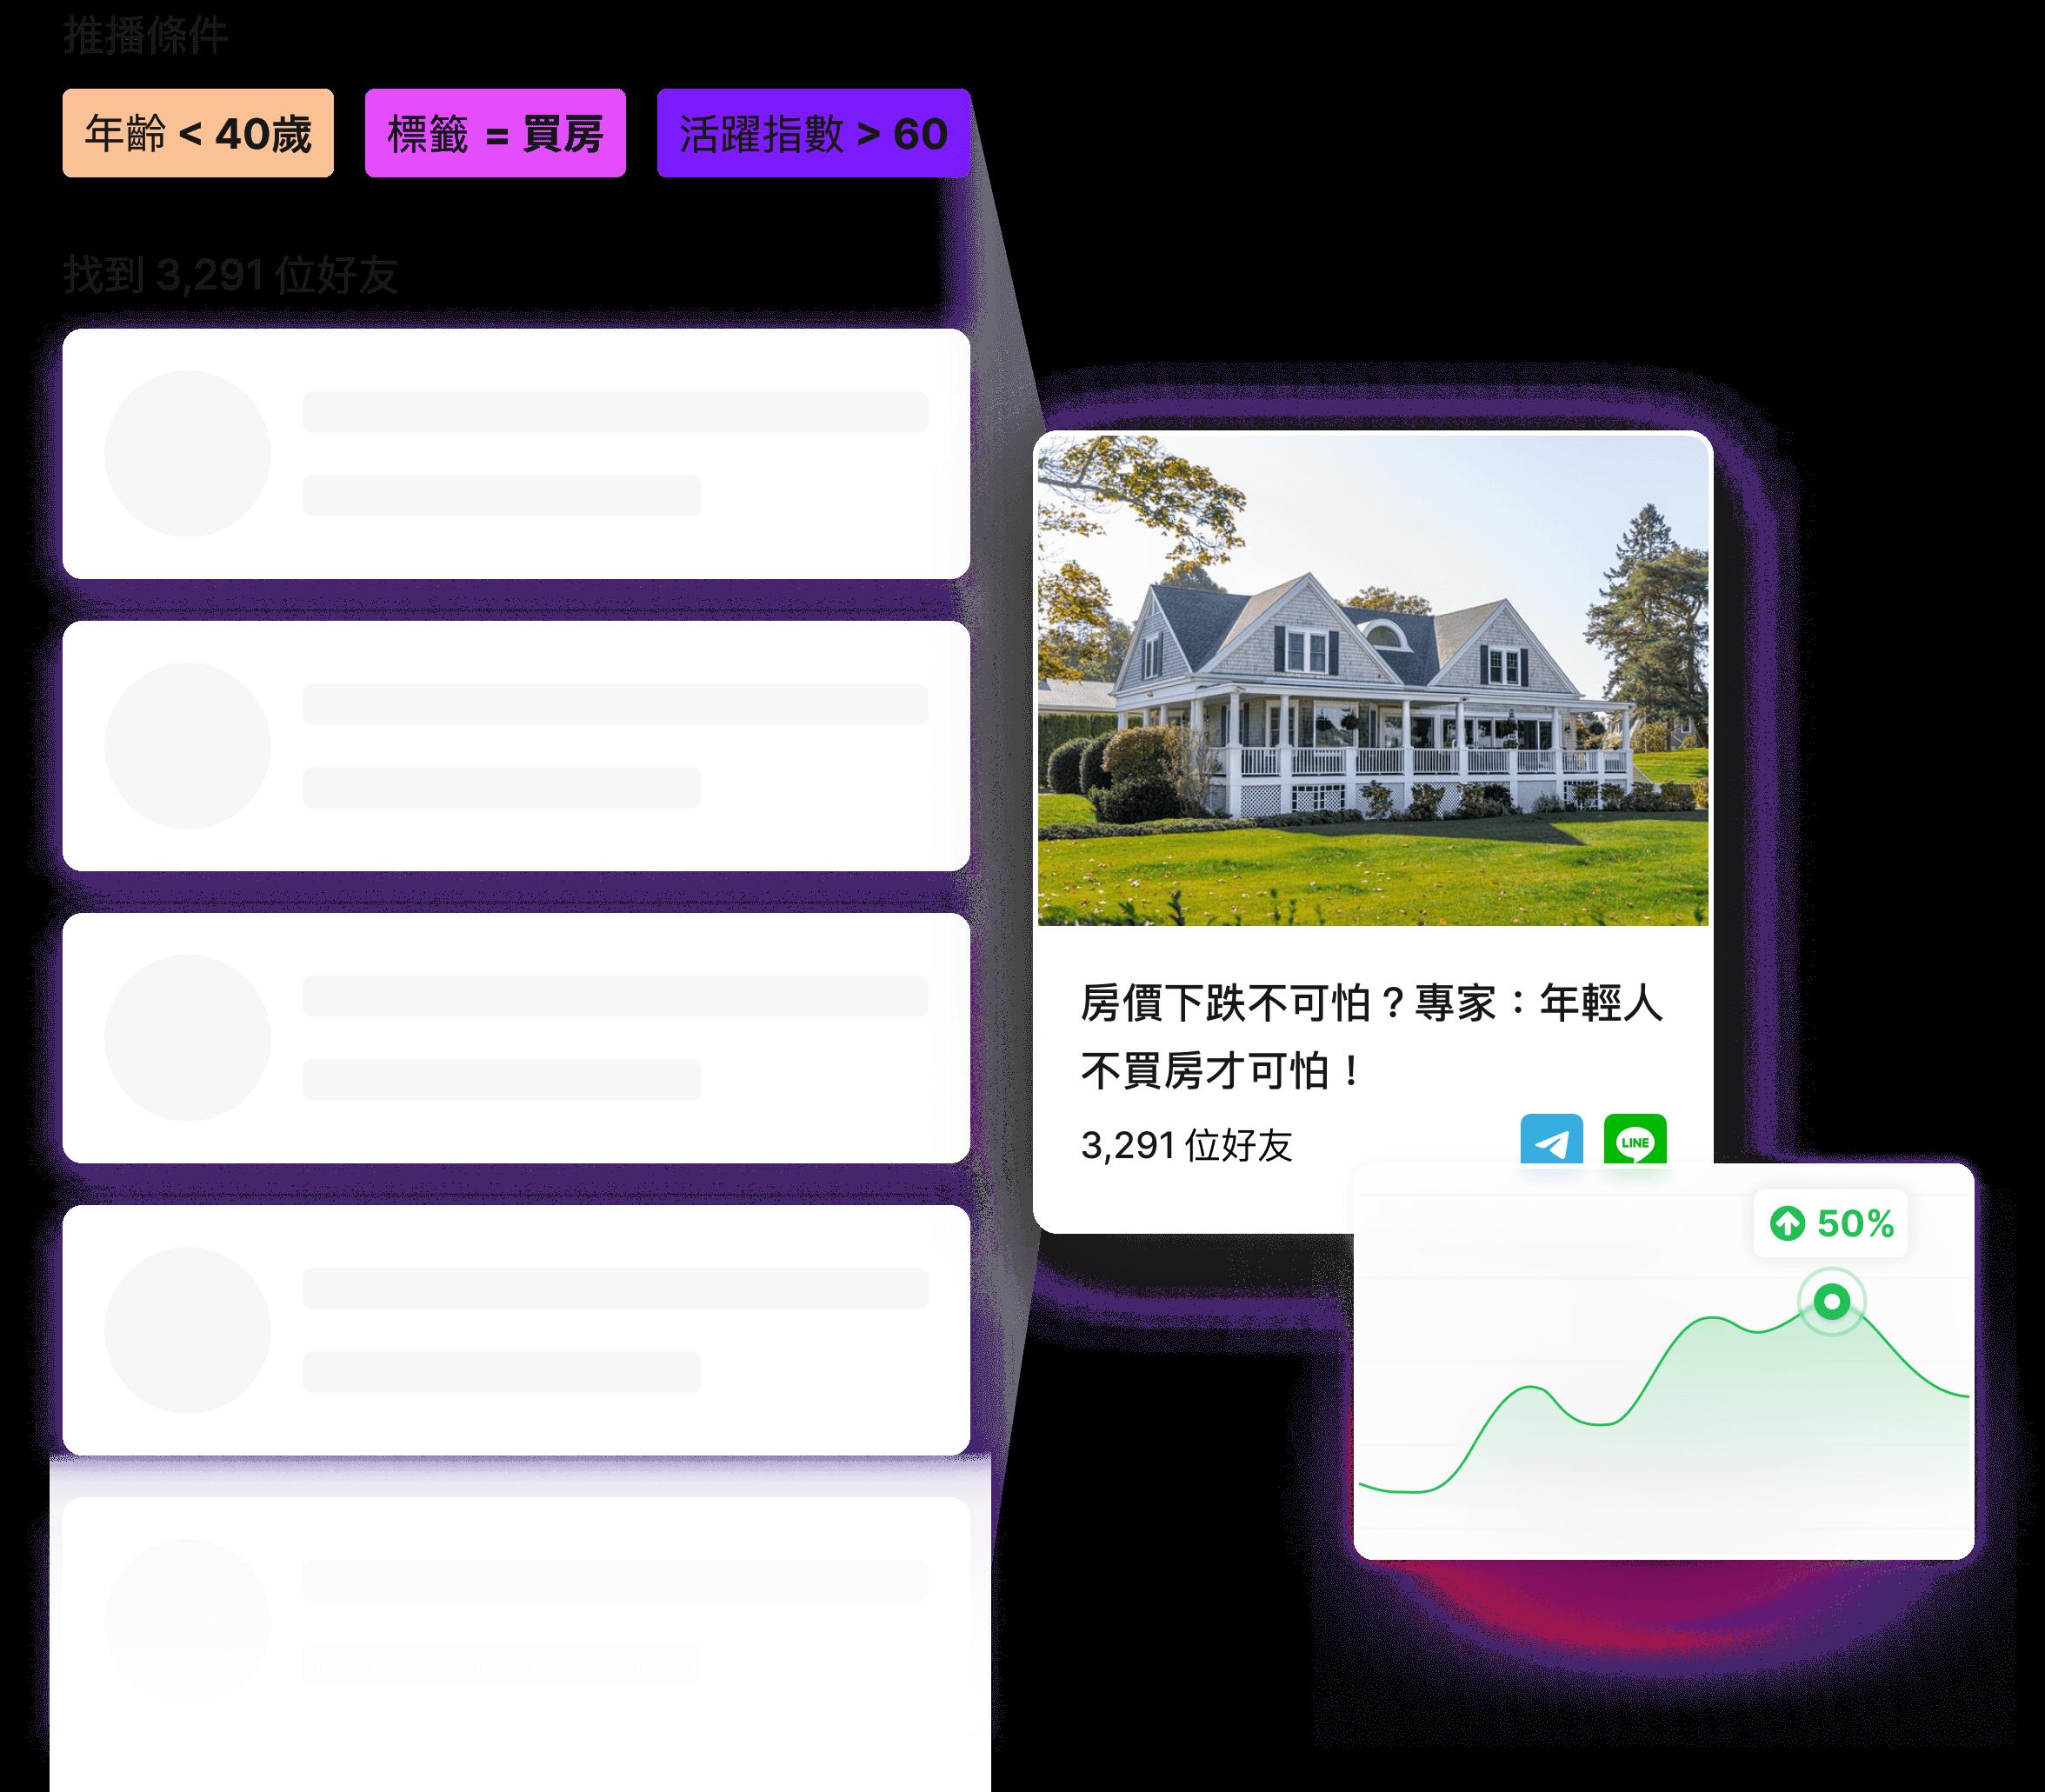 透過 OakMega 標籤系統,推播精準訊息給特定受眾